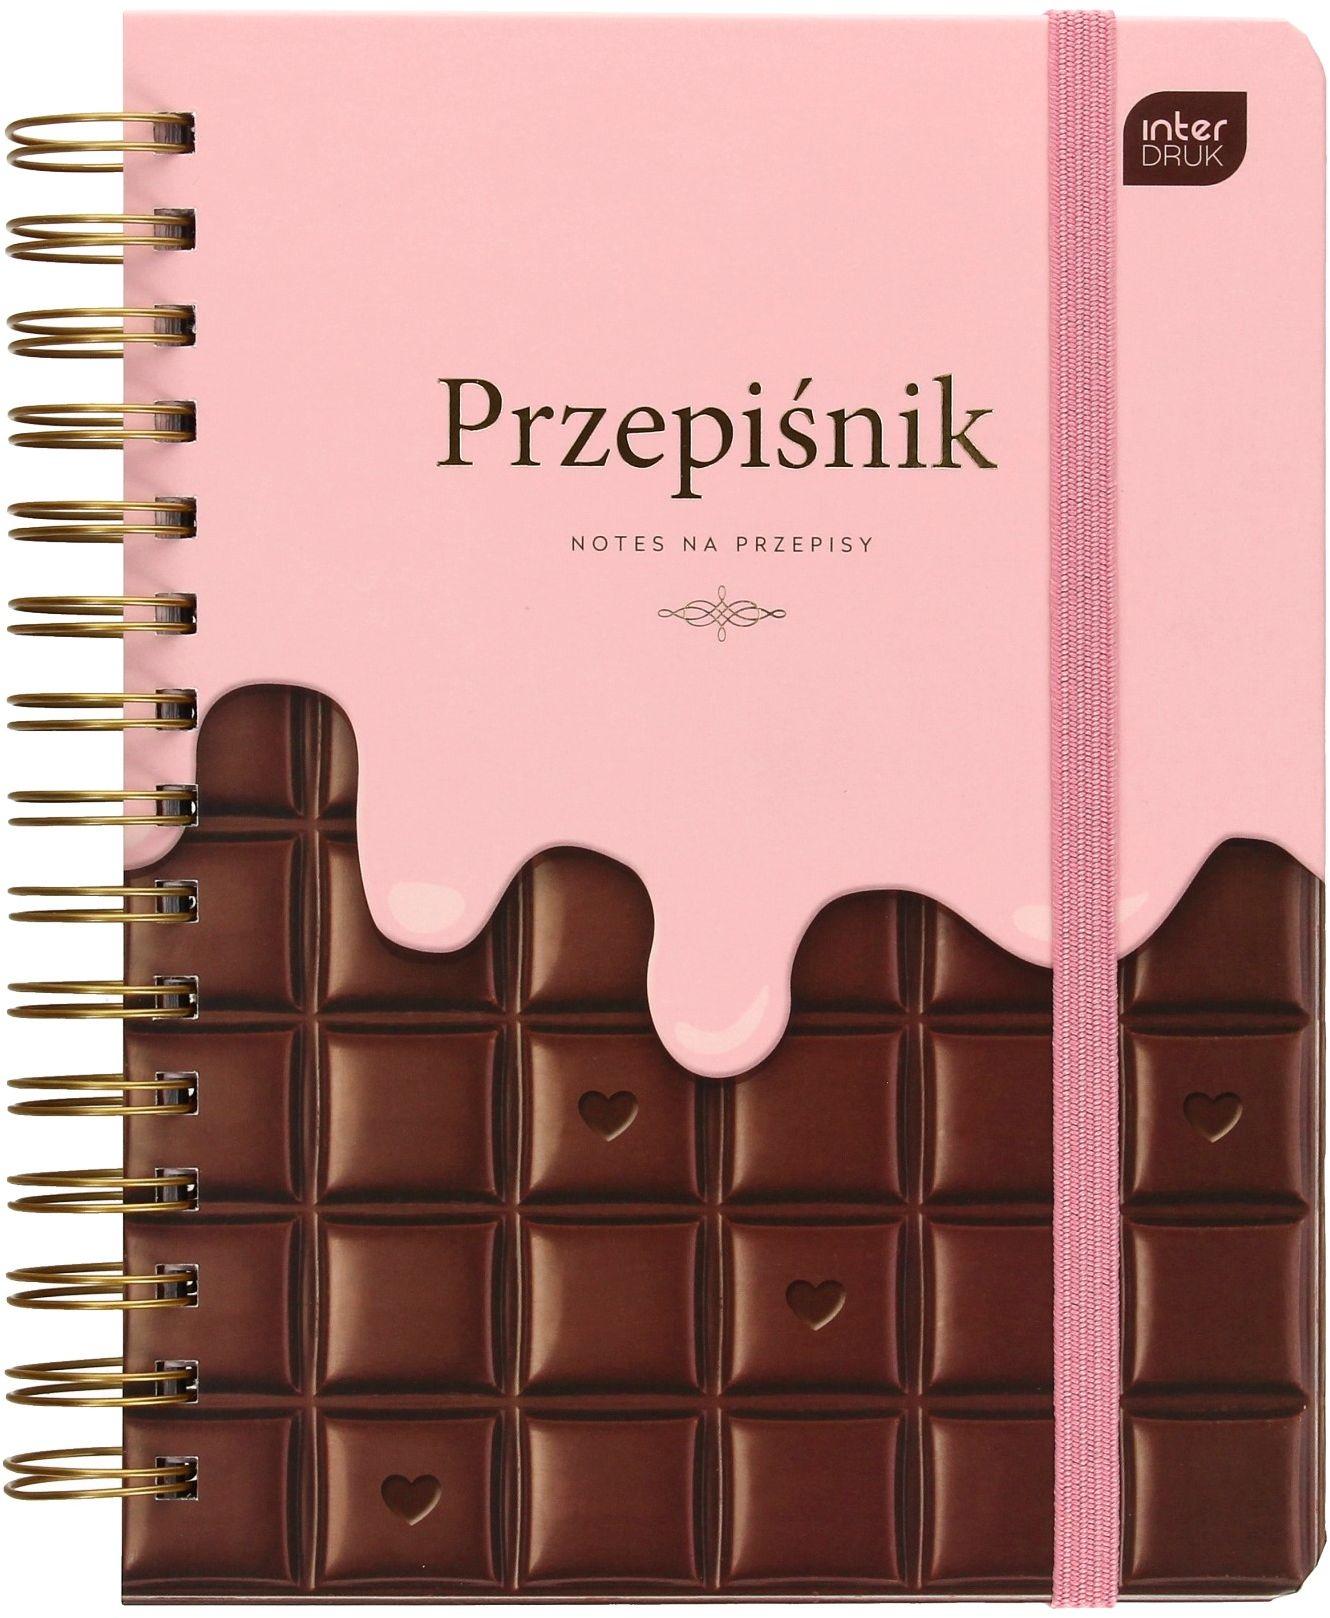 Przepiśnik Chocolate Interdruk